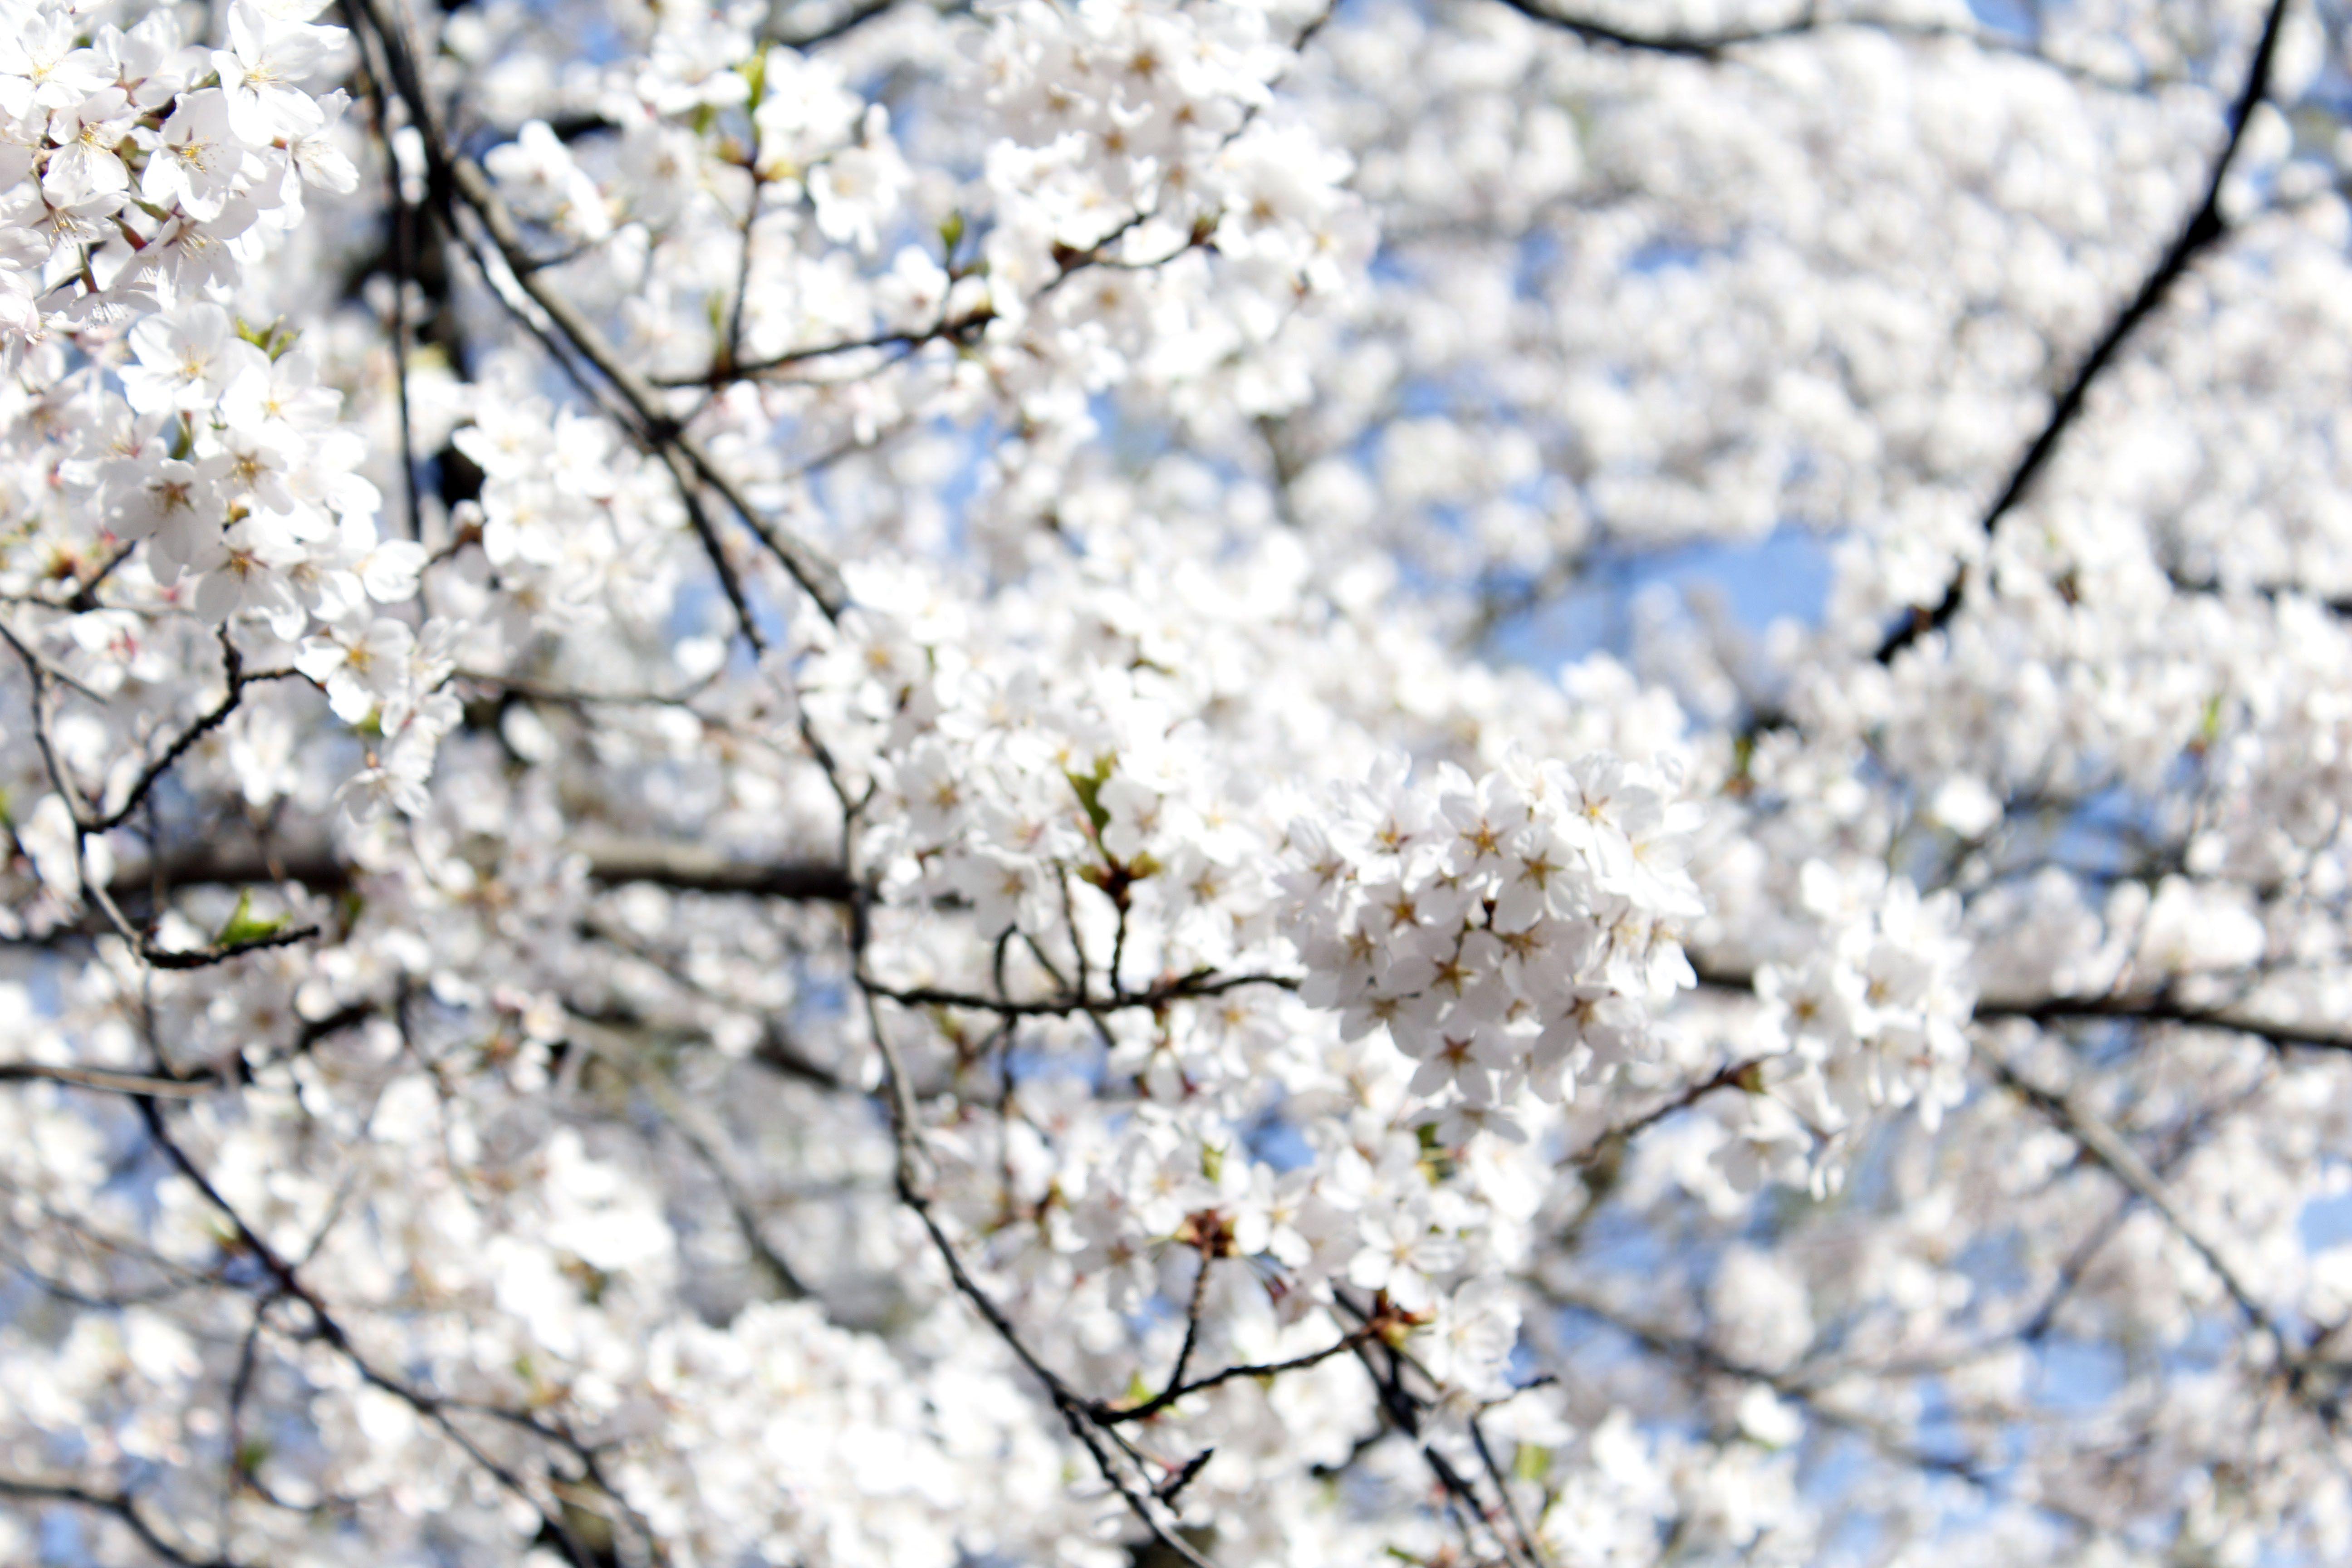 Cherry Blossom White Flower Tree Nature Pretty Photography Flowering Trees White Flowers Blossom